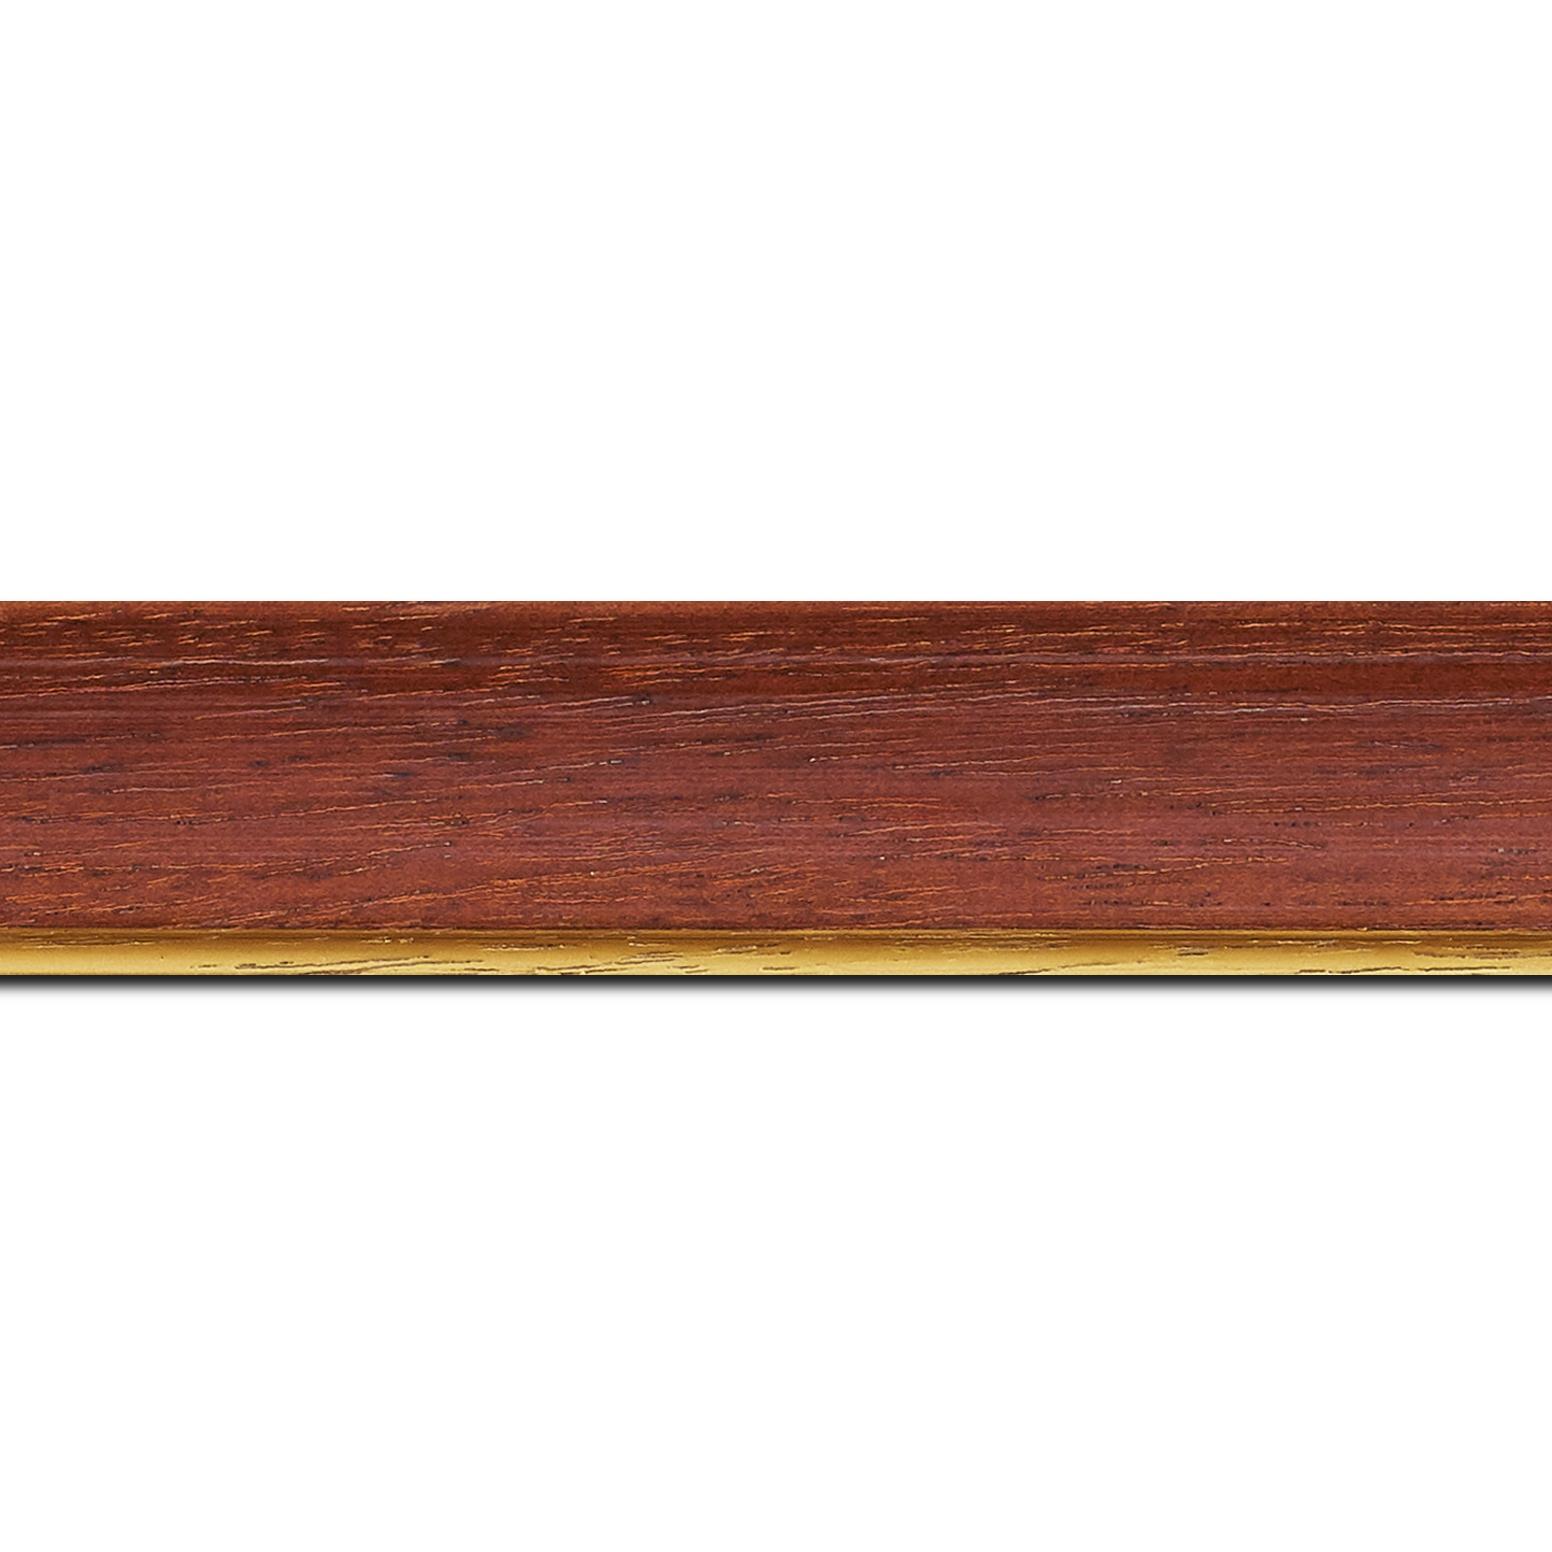 Pack par 12m, bois profil incurvé largeur 3.9cm couleur acajou satiné filet or (longueur baguette pouvant varier entre 2.40m et 3m selon arrivage des bois)